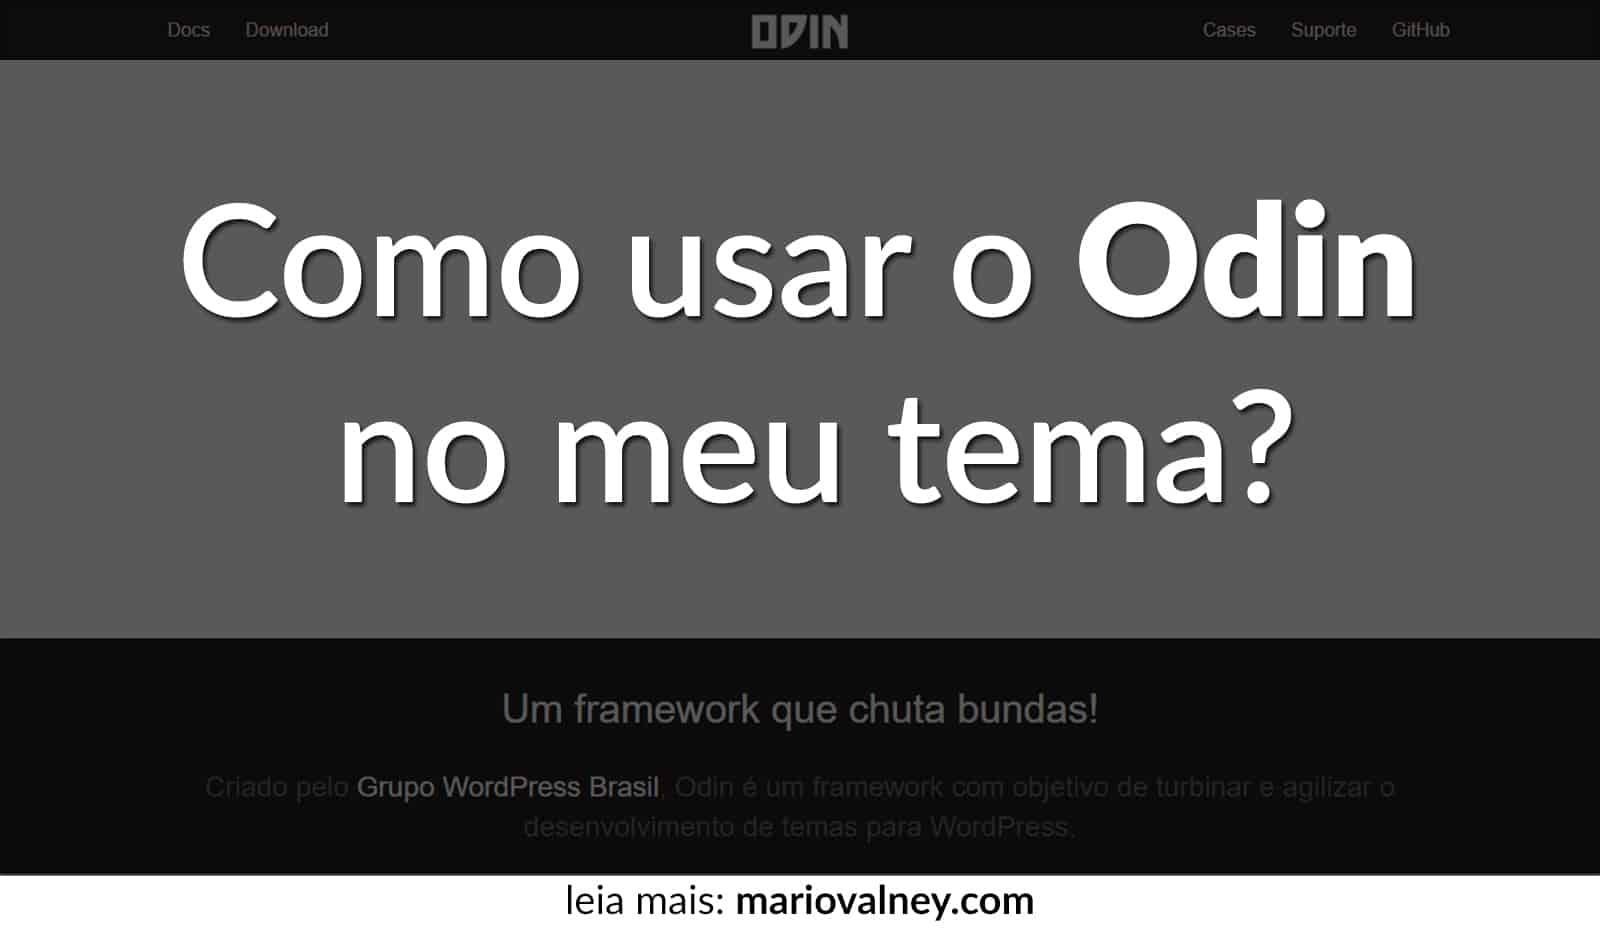 Com usar o Odin